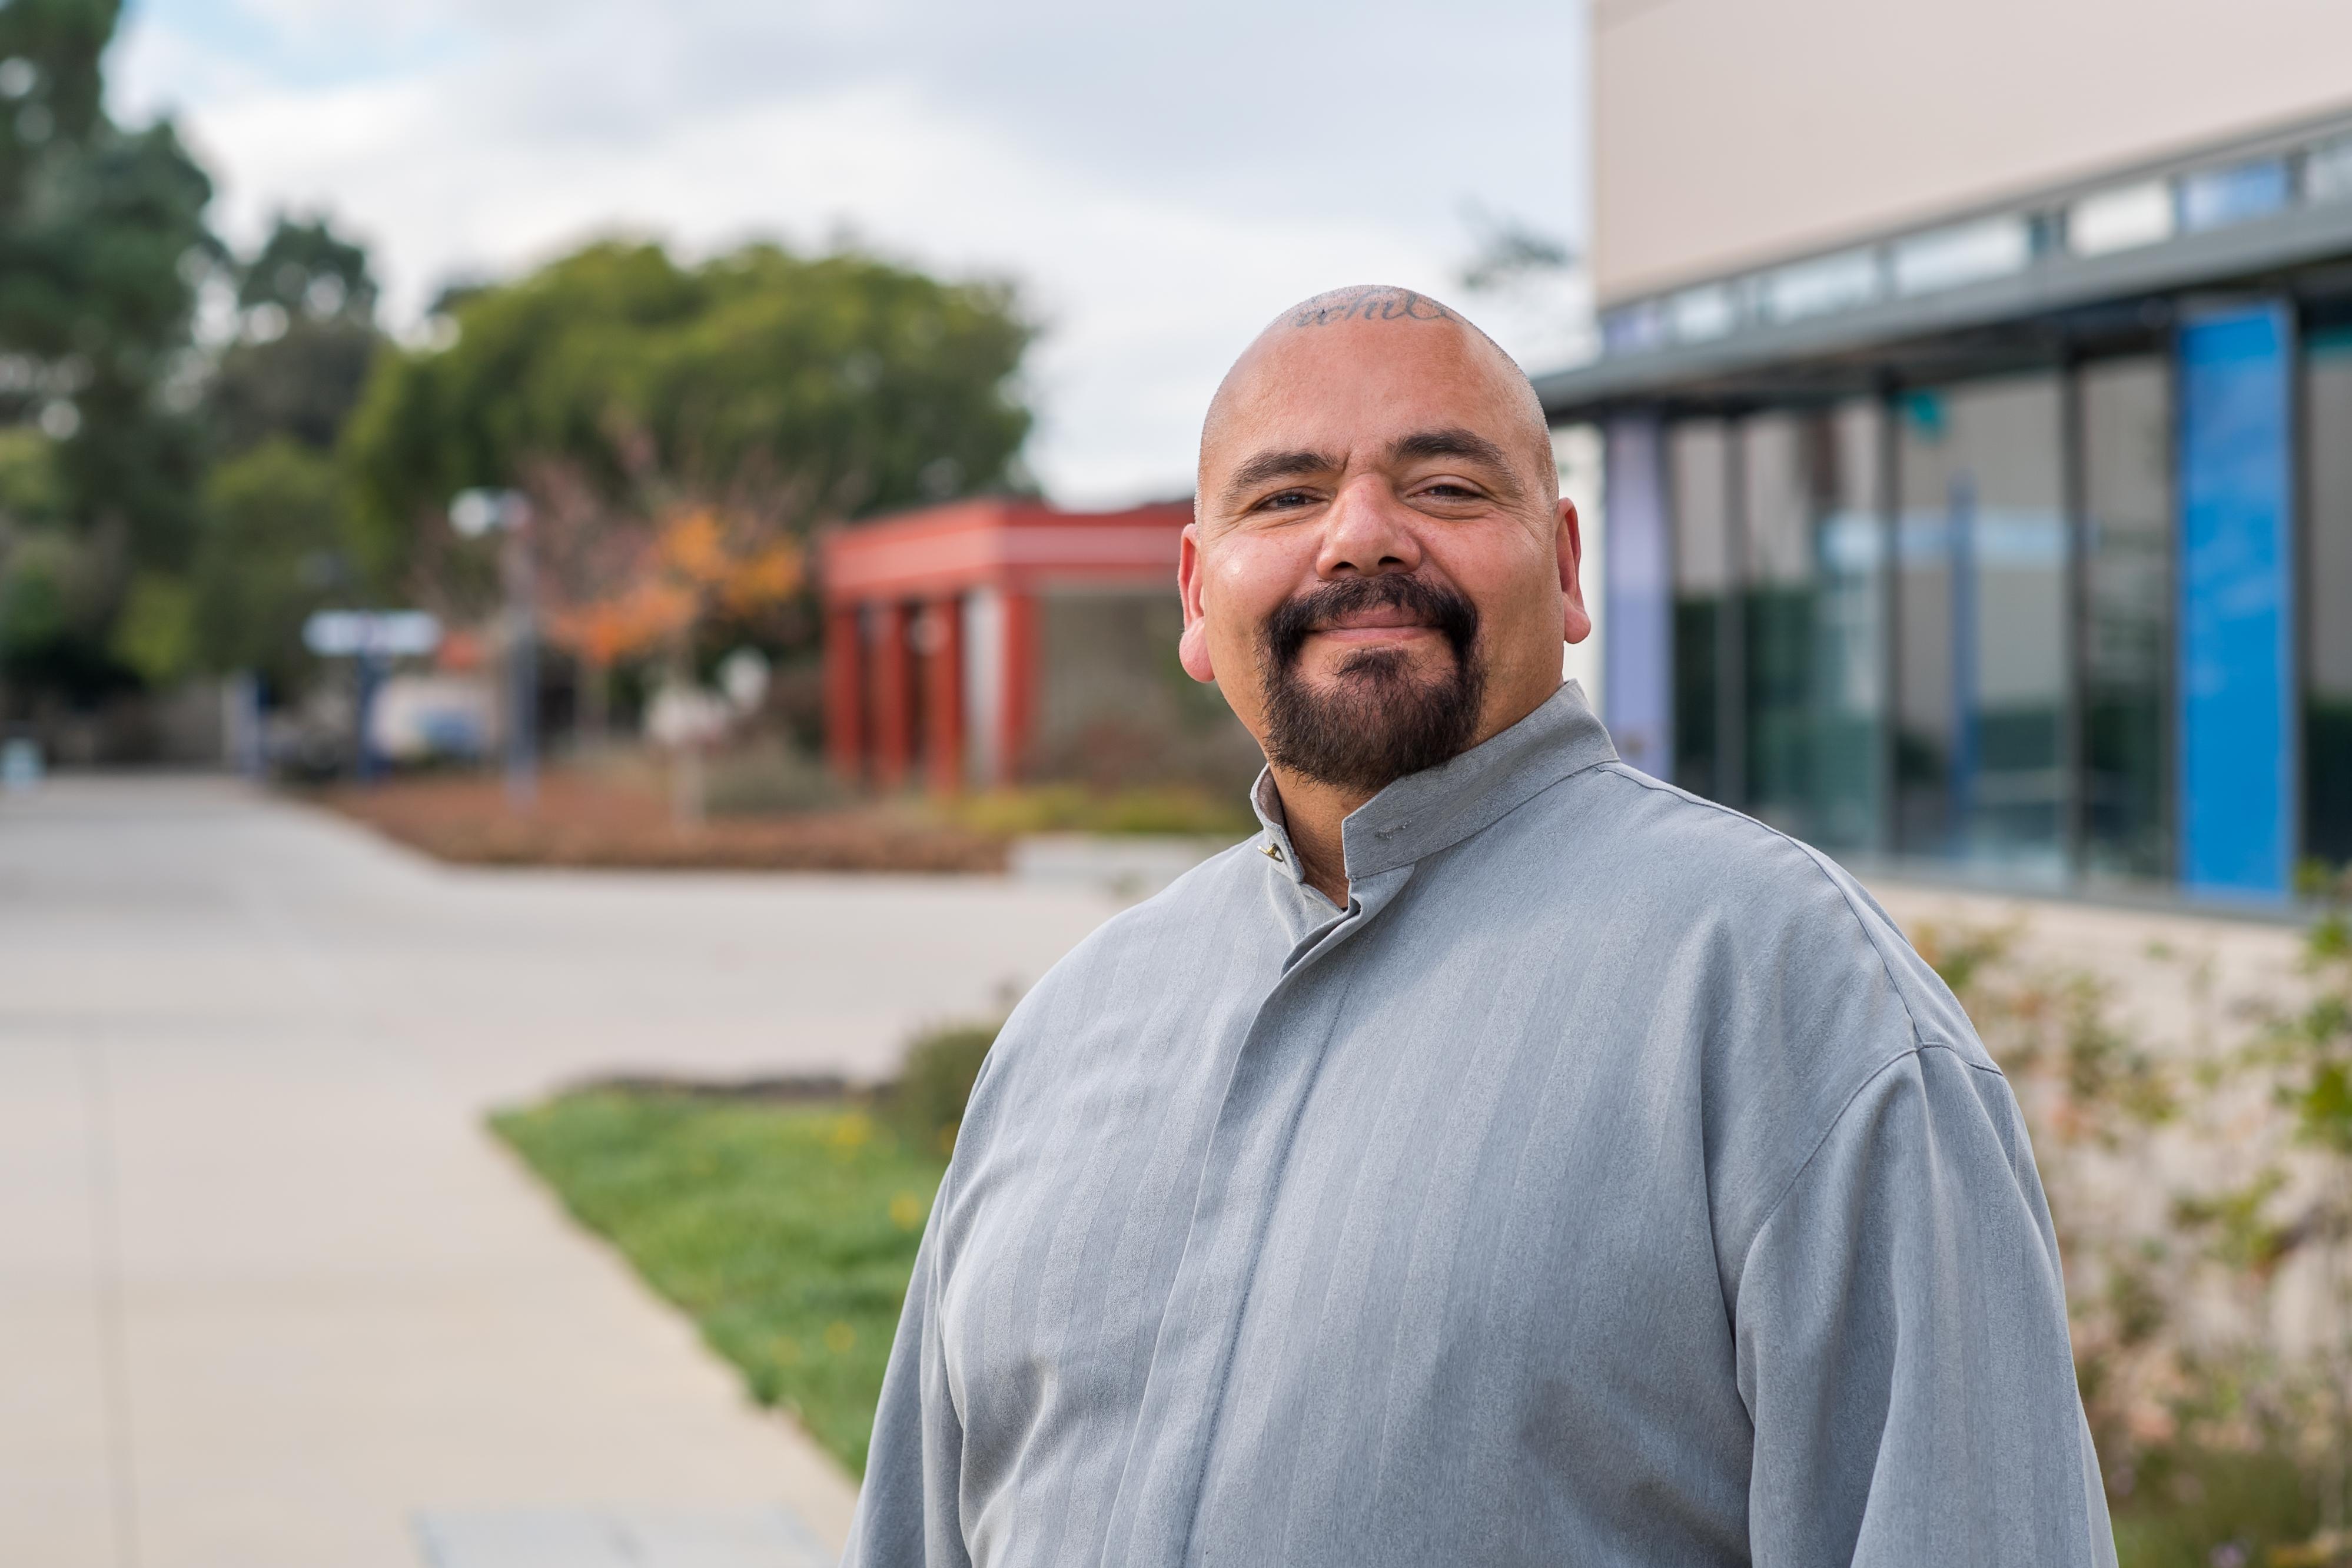 Arturo Raygoza se entrevistó con el rector de los Colegios Comunitarios de California, Eloy Ortiz Oakley quien mostró mucho interés en su historia de superación. ((Kevin Boland/Allan Hancock College).